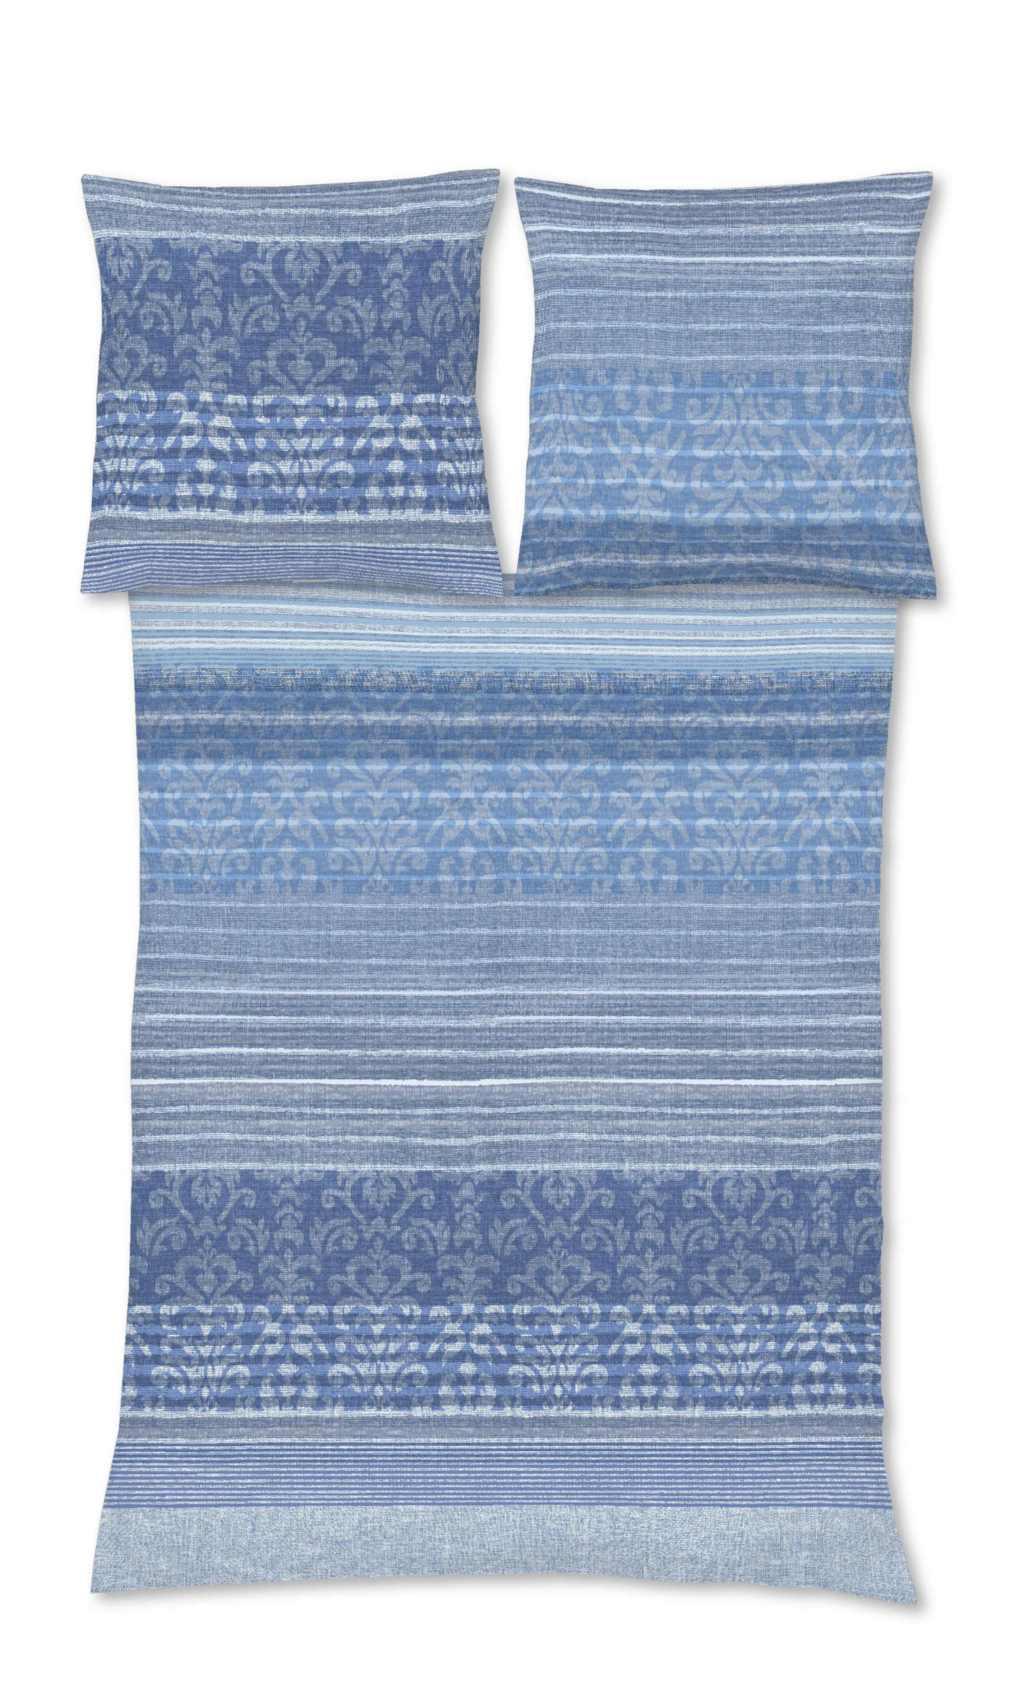 Blaue Ornament Biber Bettwäsche für den Winter